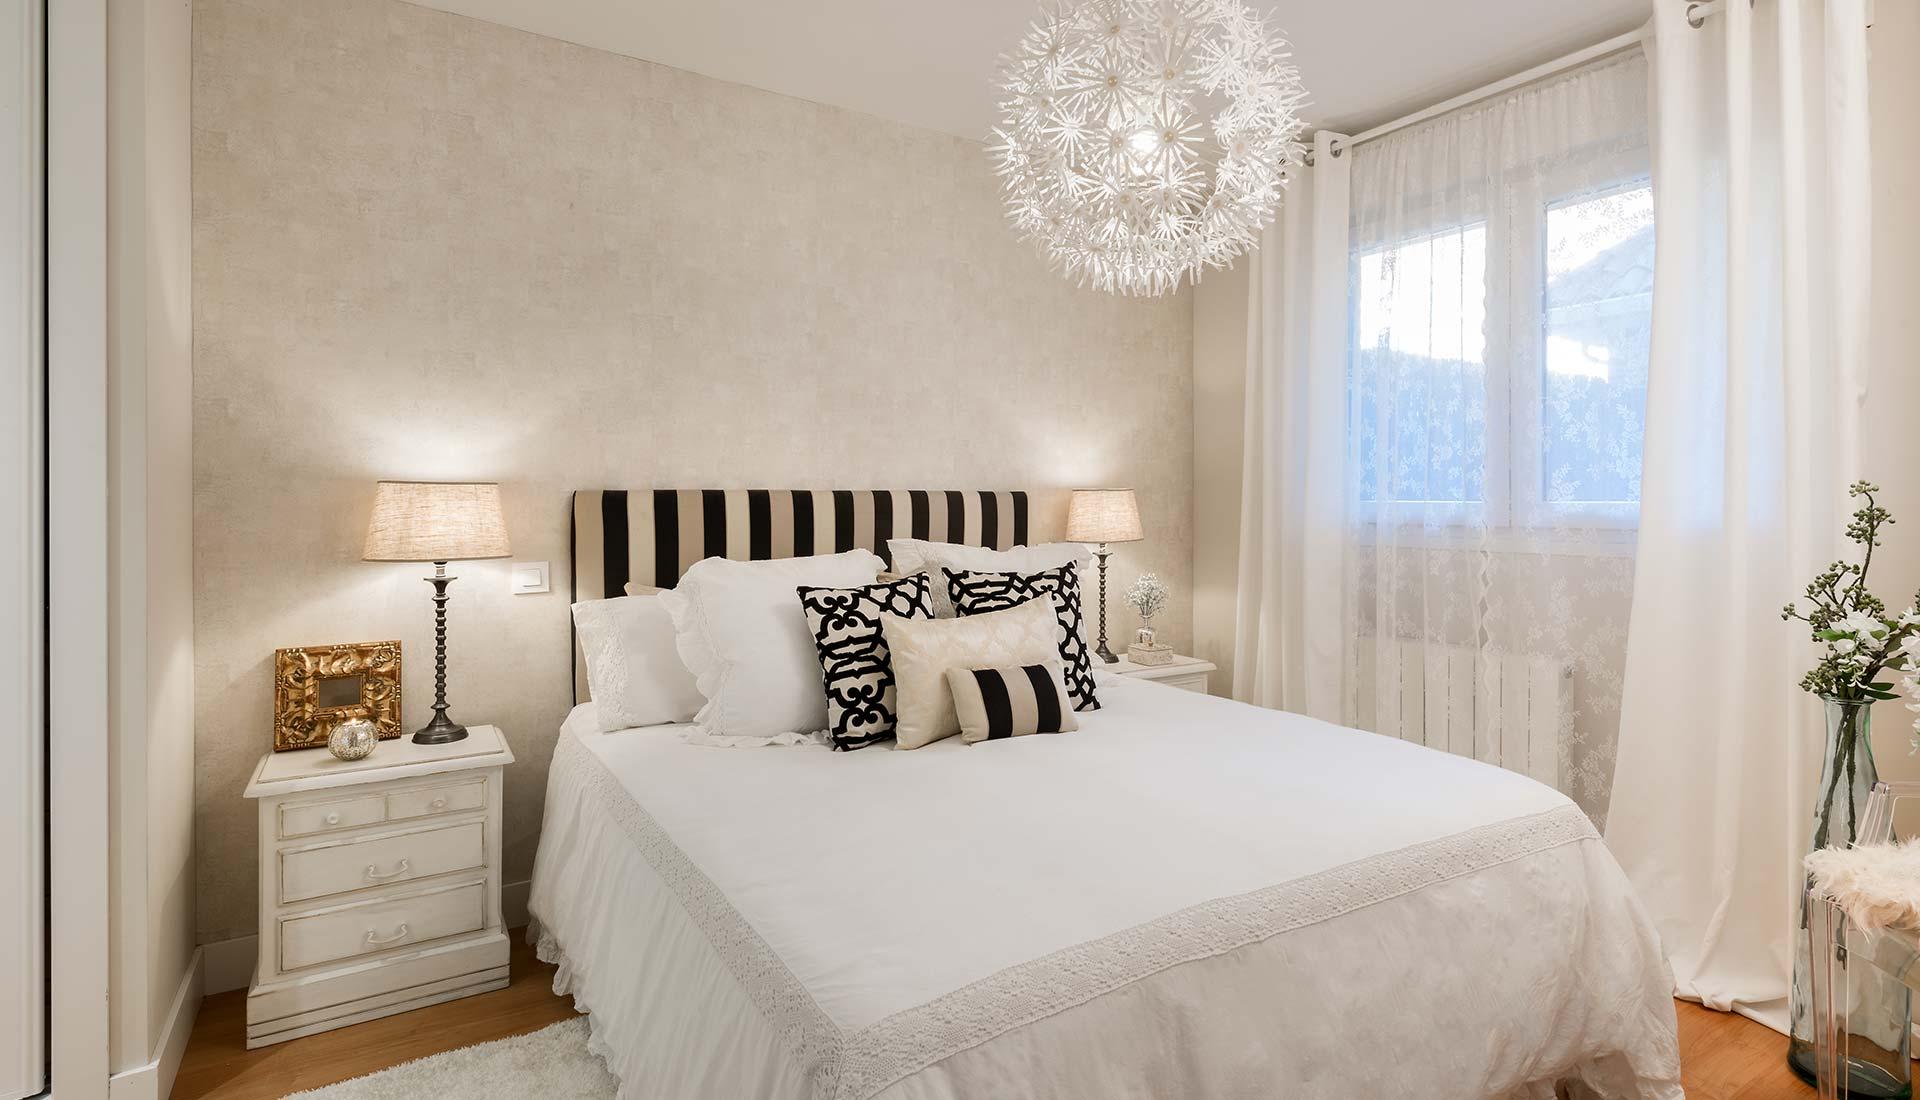 decoracion de interiores cama